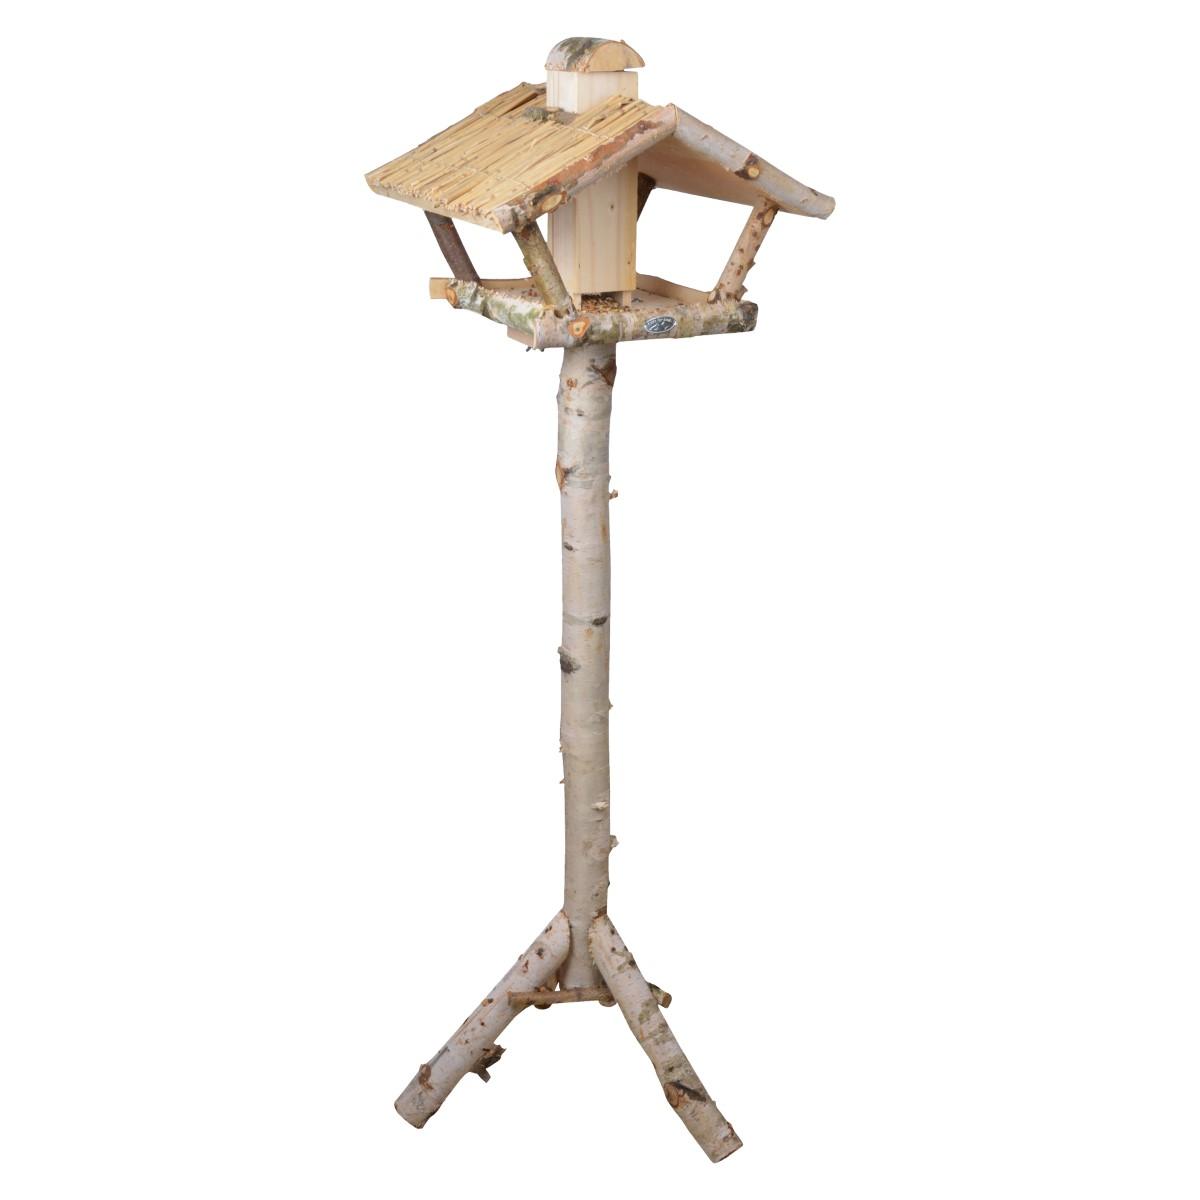 Voedertafel met silo op paal berken